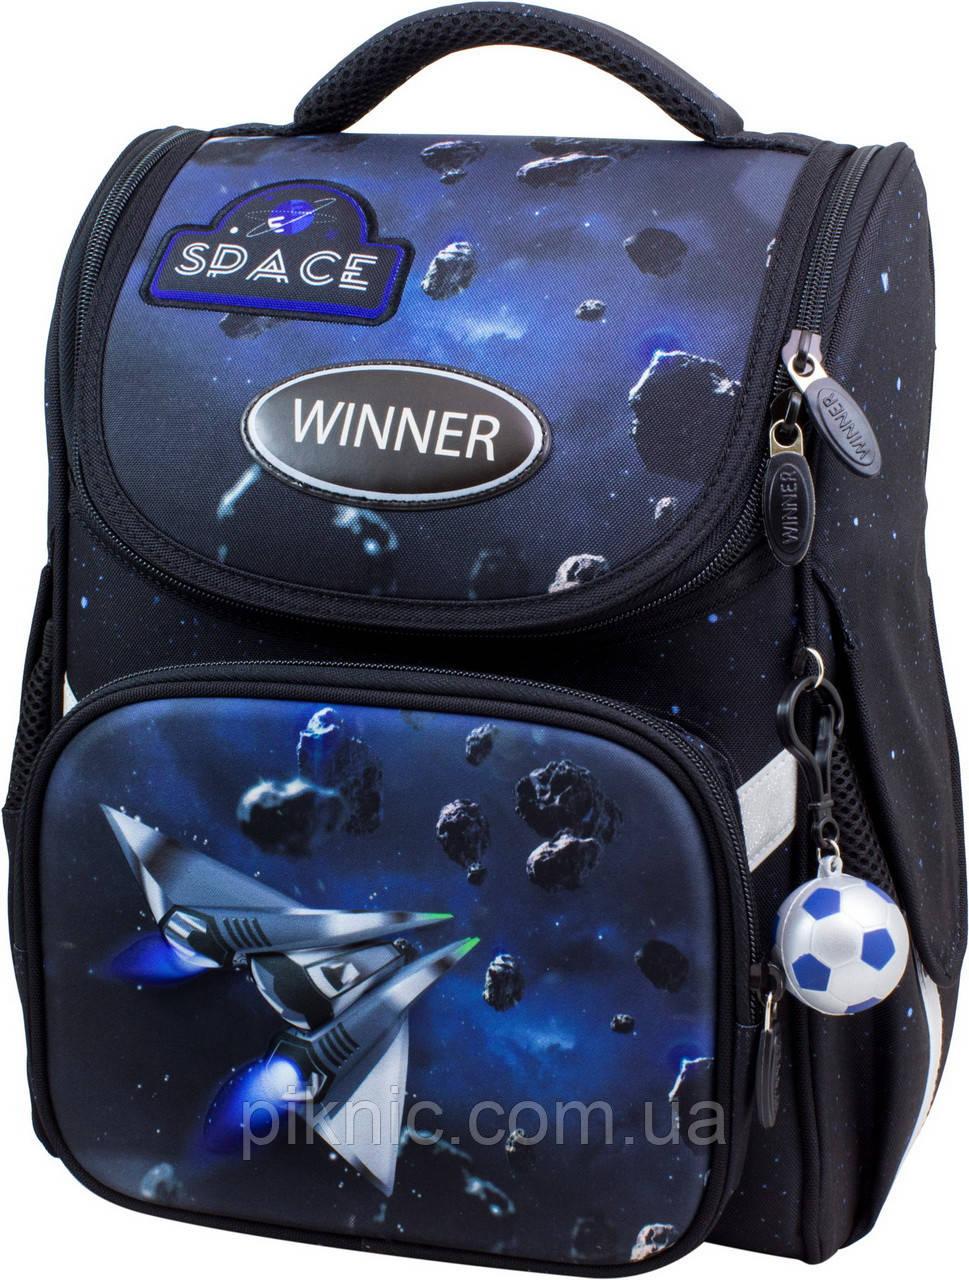 Ранец школьный для мальчиков Winner stile (2030) Рюкзак портфель каркасный 1 класс